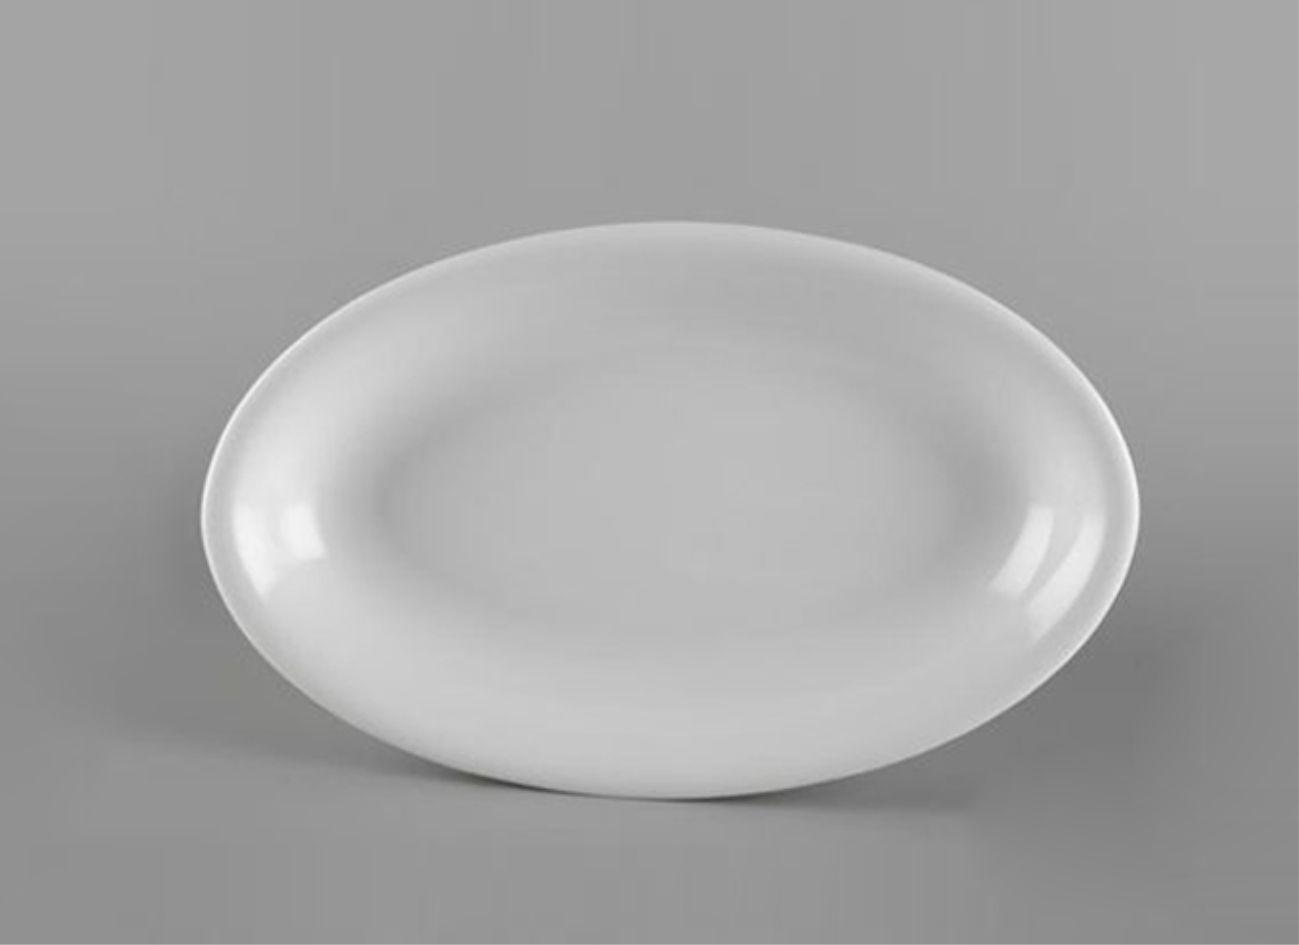 Dĩa oval ảo 32cm Daisy Lys Trắng Ngà 053226000